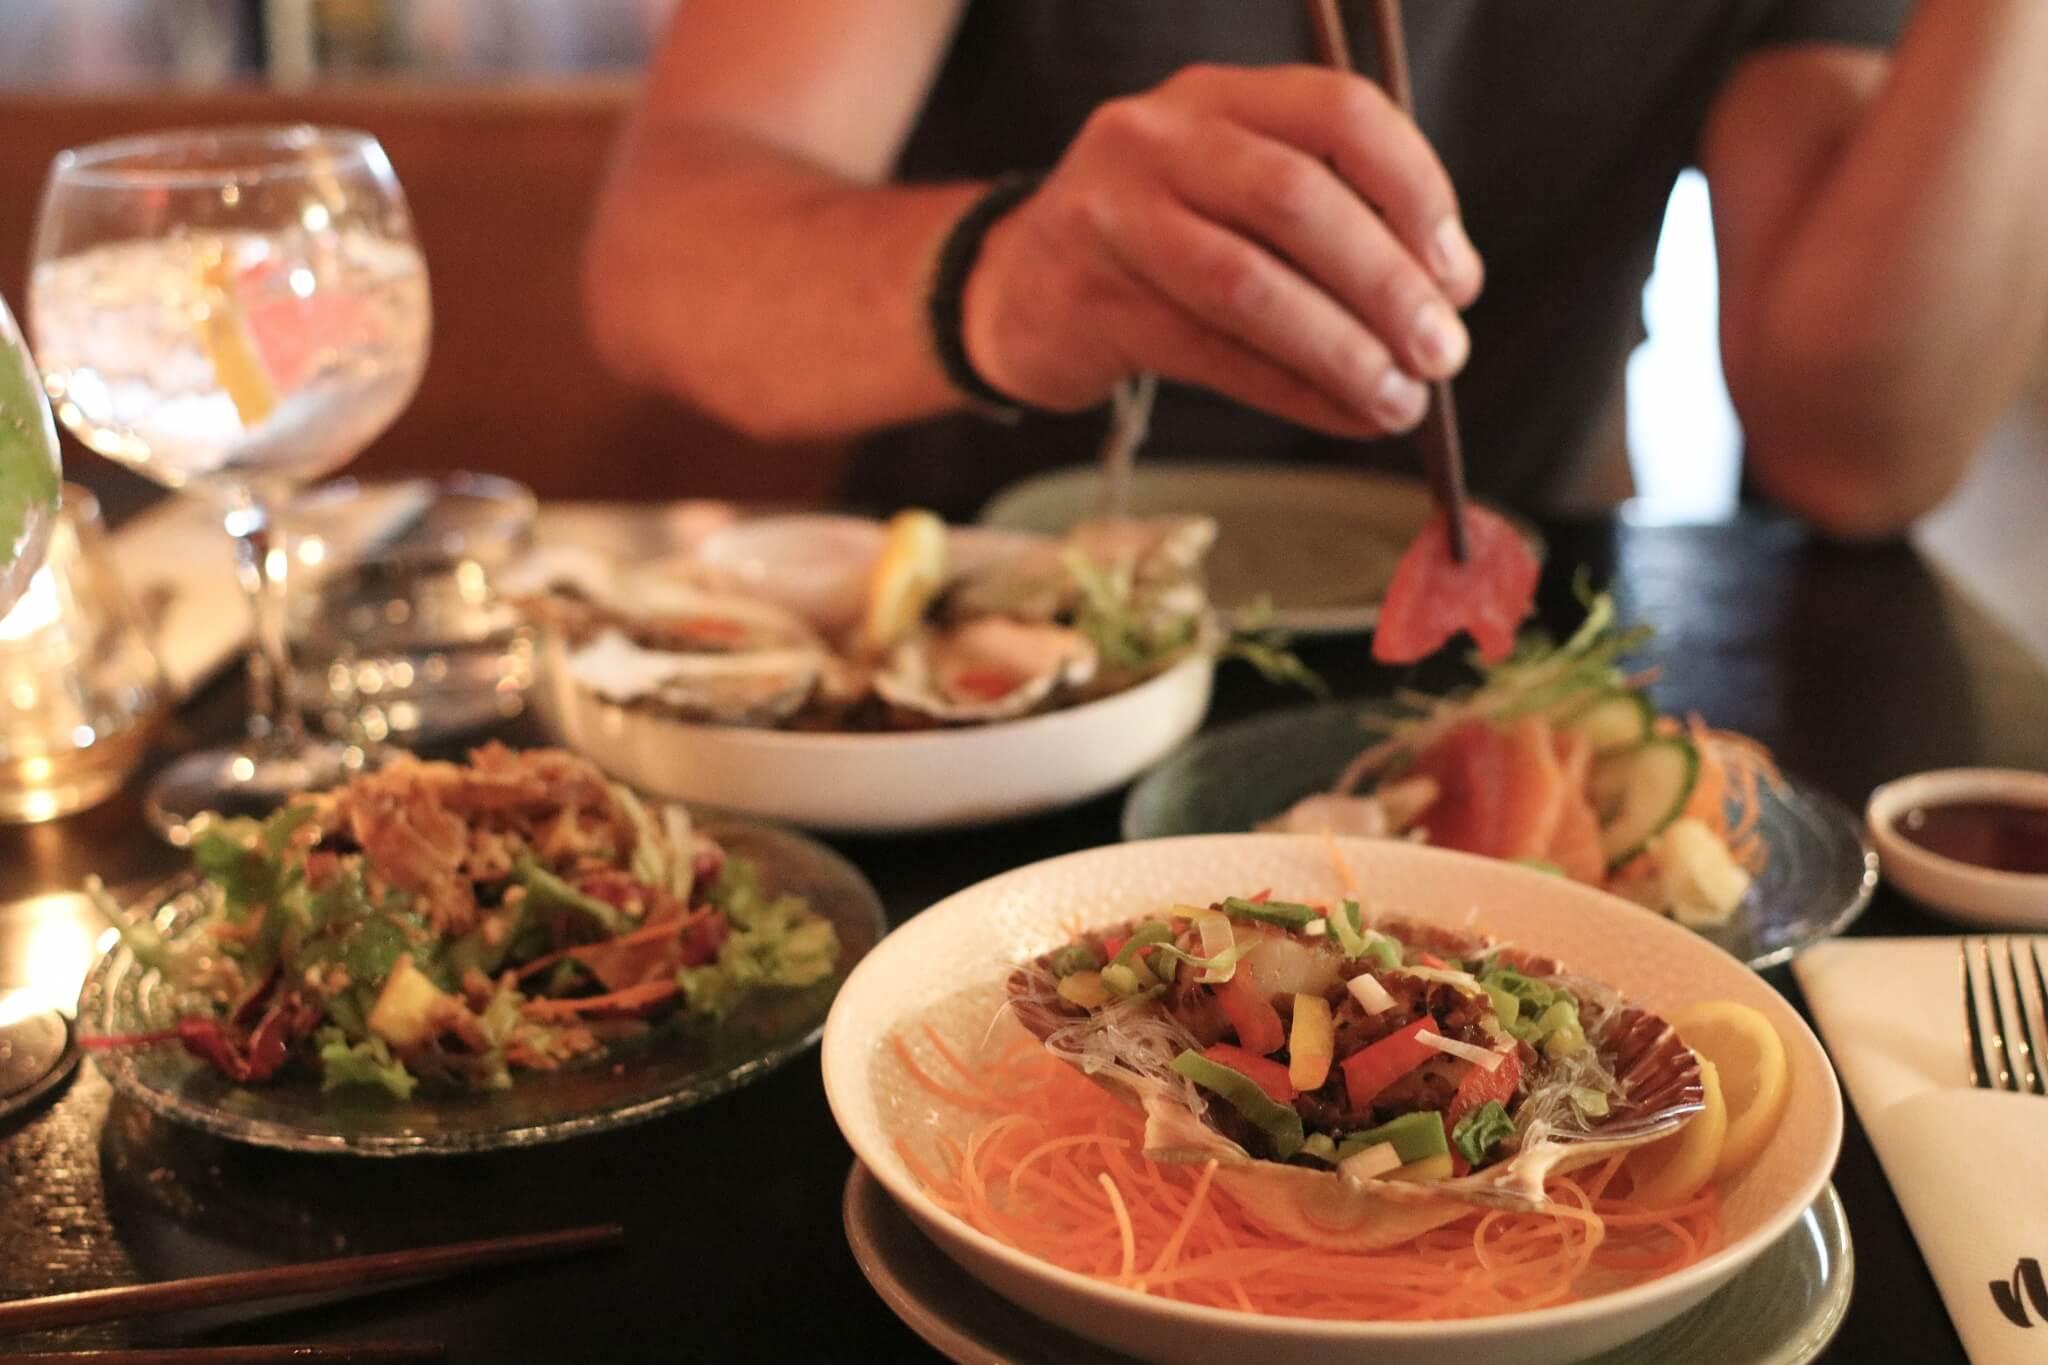 Miyagi and Jones   Aziatisch streetfood en sushi in Utrecht, Leuke restaurants Utrecht, Restaurants Beatrix theater, Restaurants Utrecht Centraal, Aziatische hotspots Utrecht, Utrecht hotspots